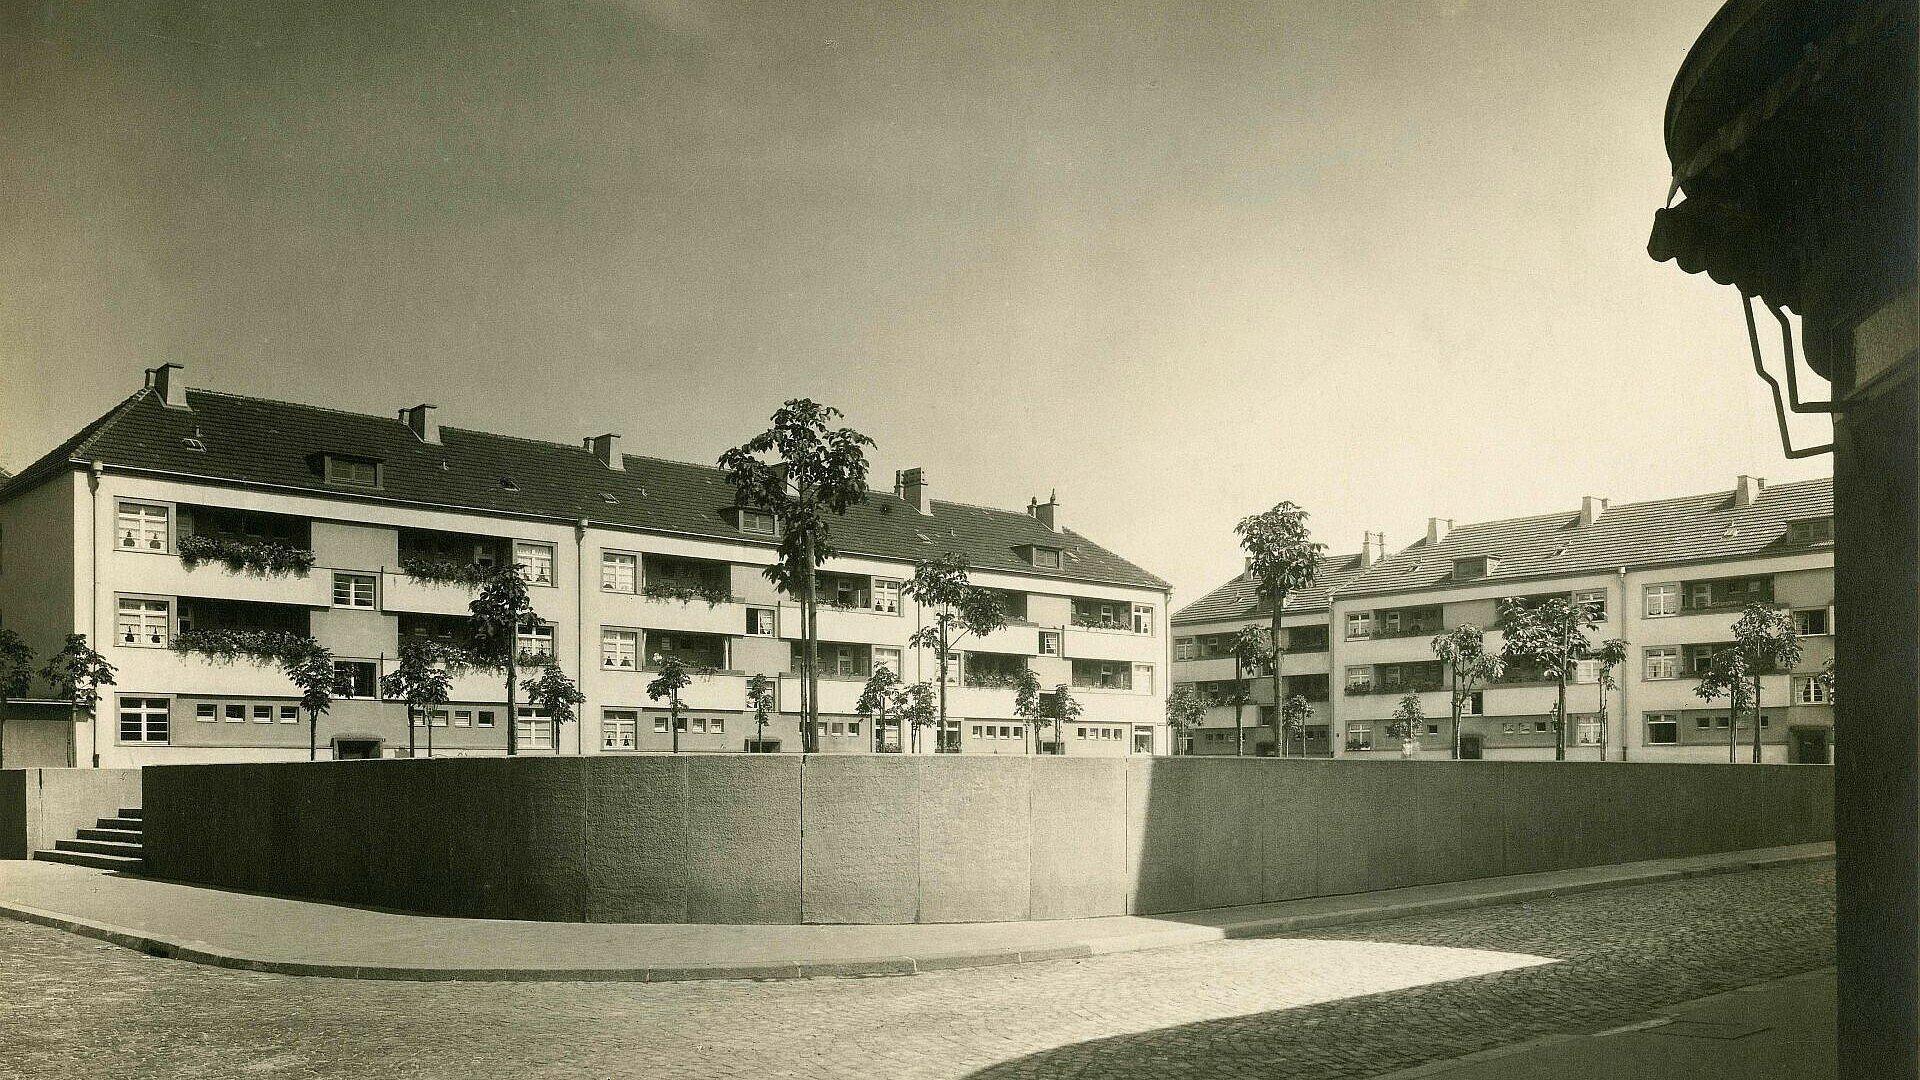 Historisches Bild vom zentralen Platz der Rosenhofsiedlung in Bickendorf